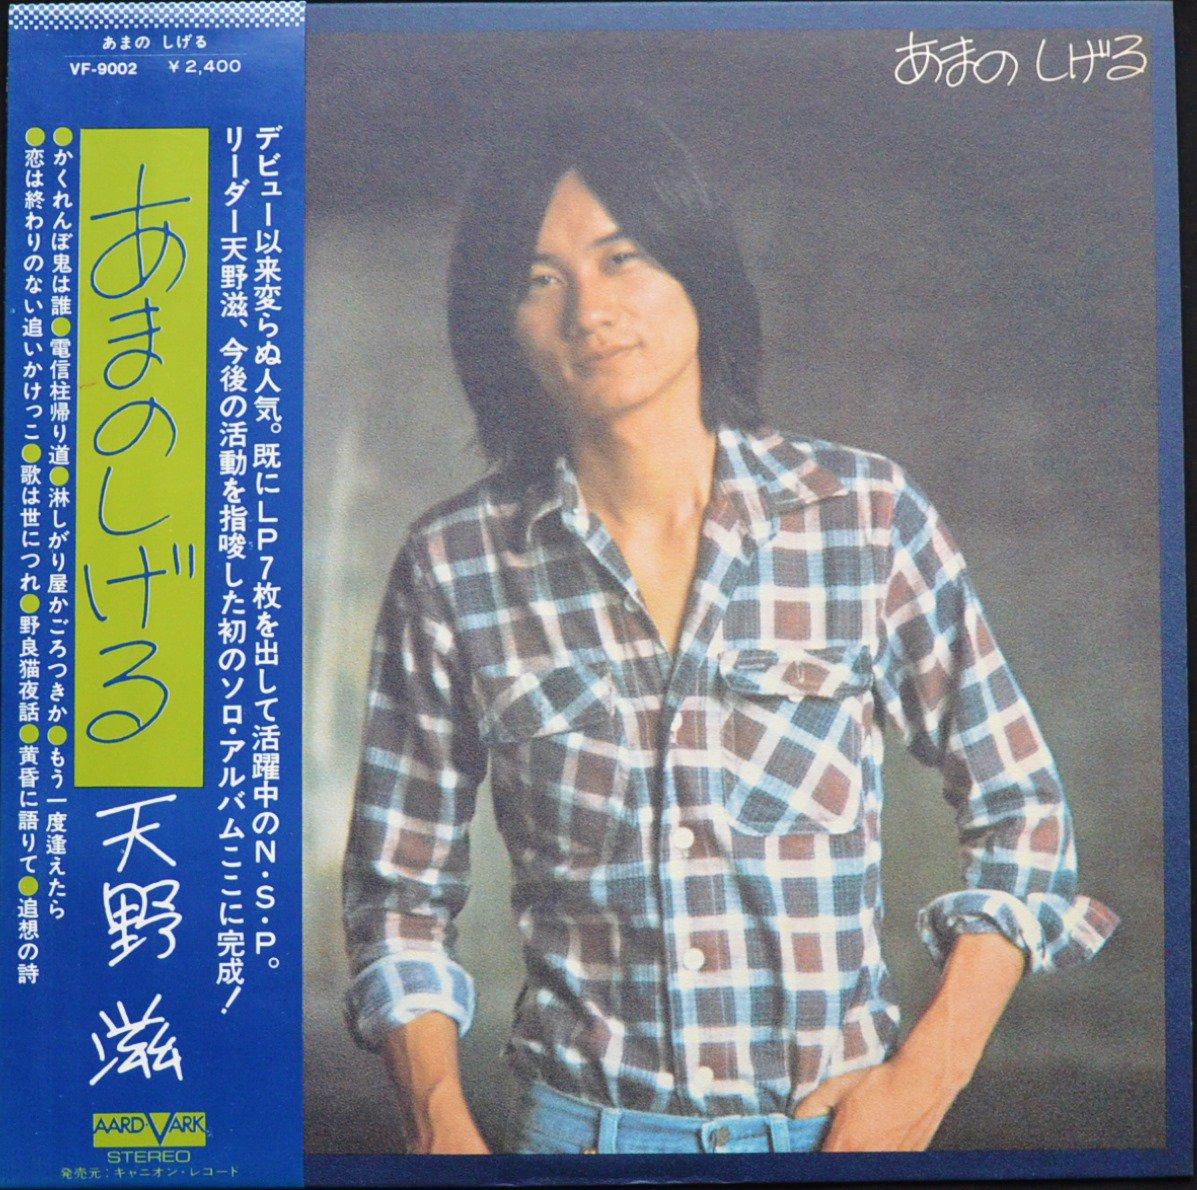 天野滋 / SHIGERU AMANO (EX N.S.P.) / あまのしげる (LP)